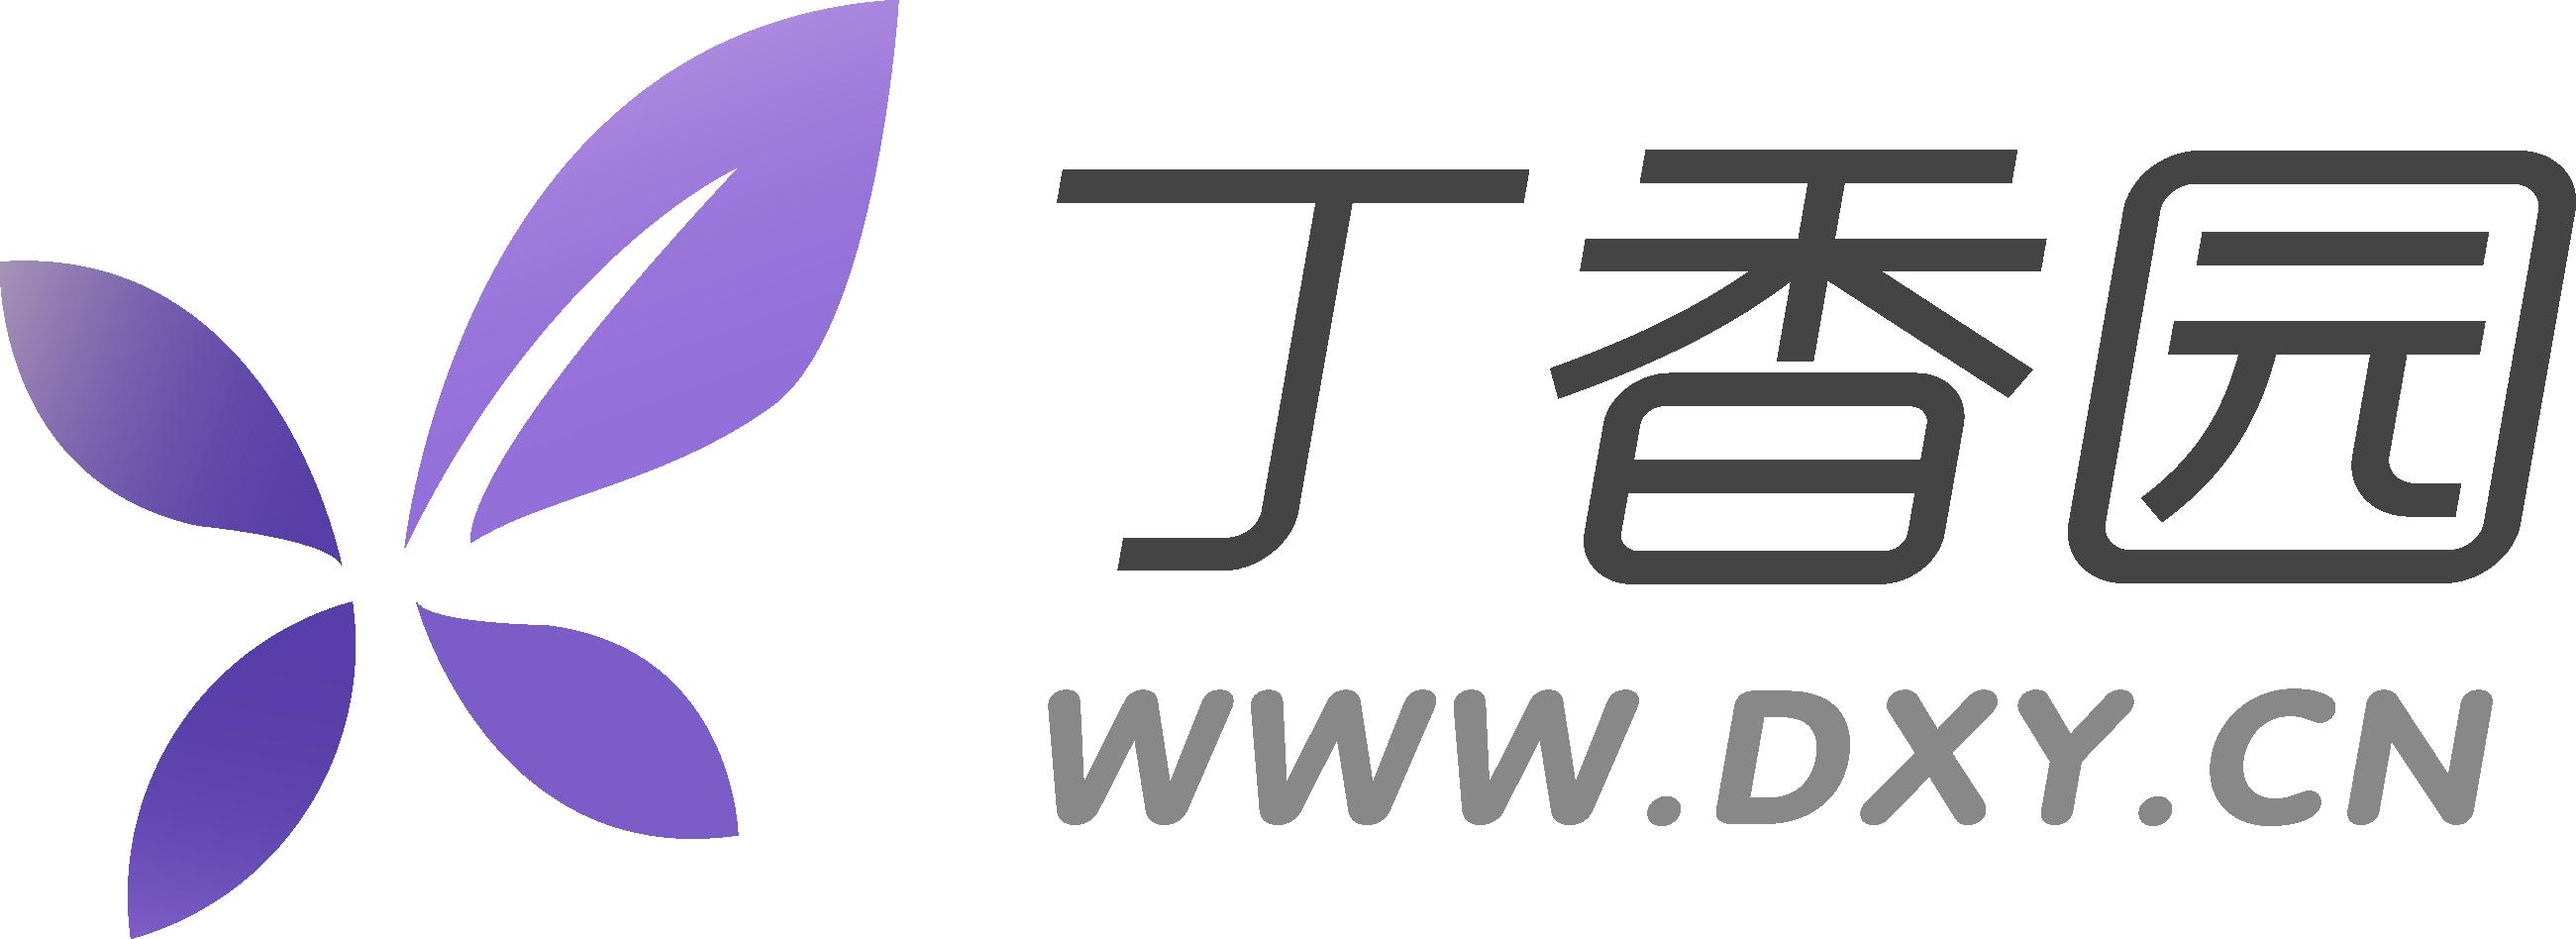 标志使用规范_丁香园 : web pdf 印刷 : 印刷